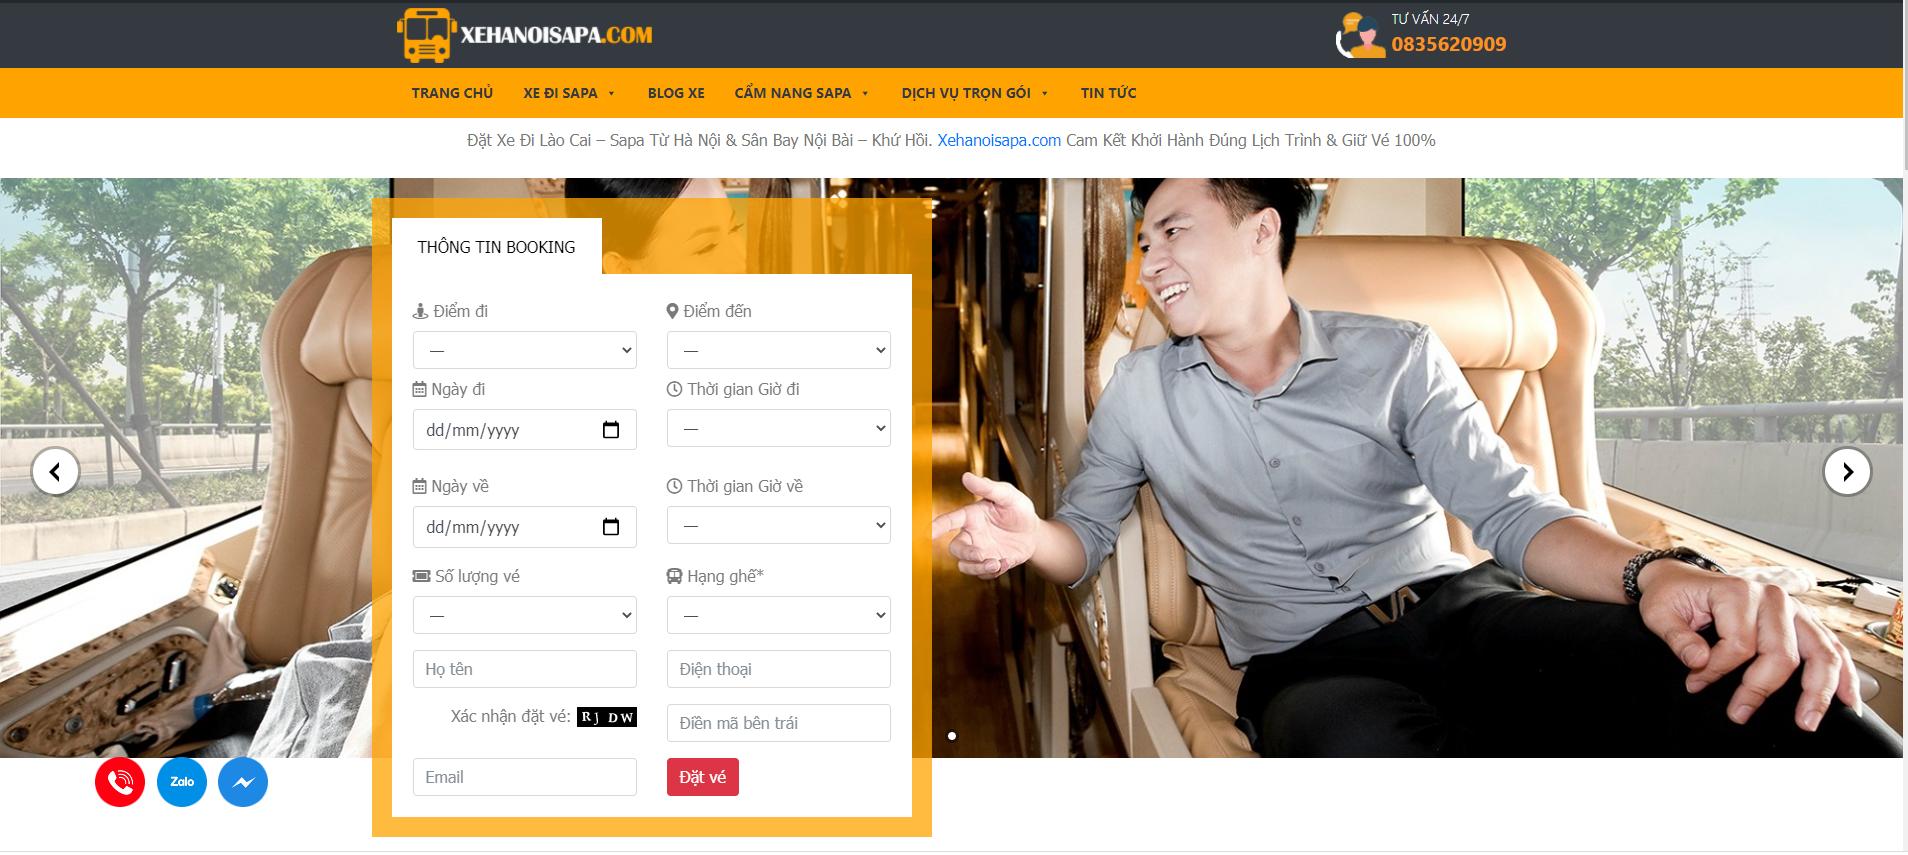 Booking online tại Xehanoisapa.com - Nhanh chóng - tiện lợi